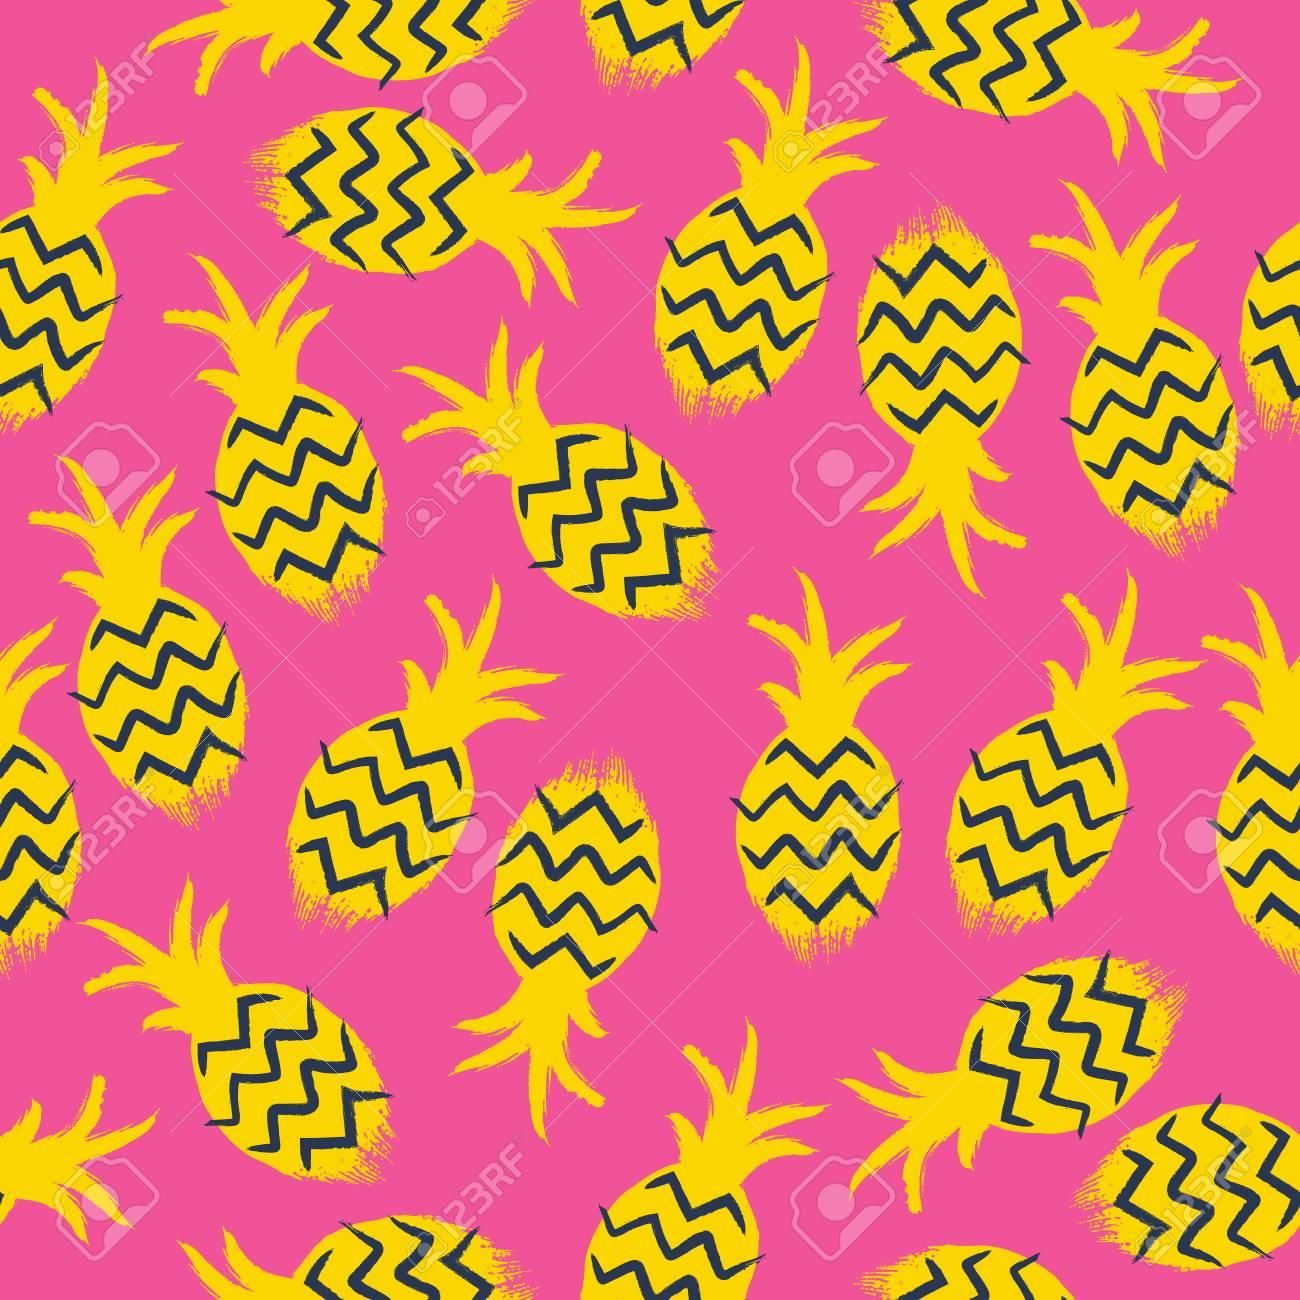 Ananasse Bunten Nahtlose Muster Tropic Früchte Hintergrund Malen